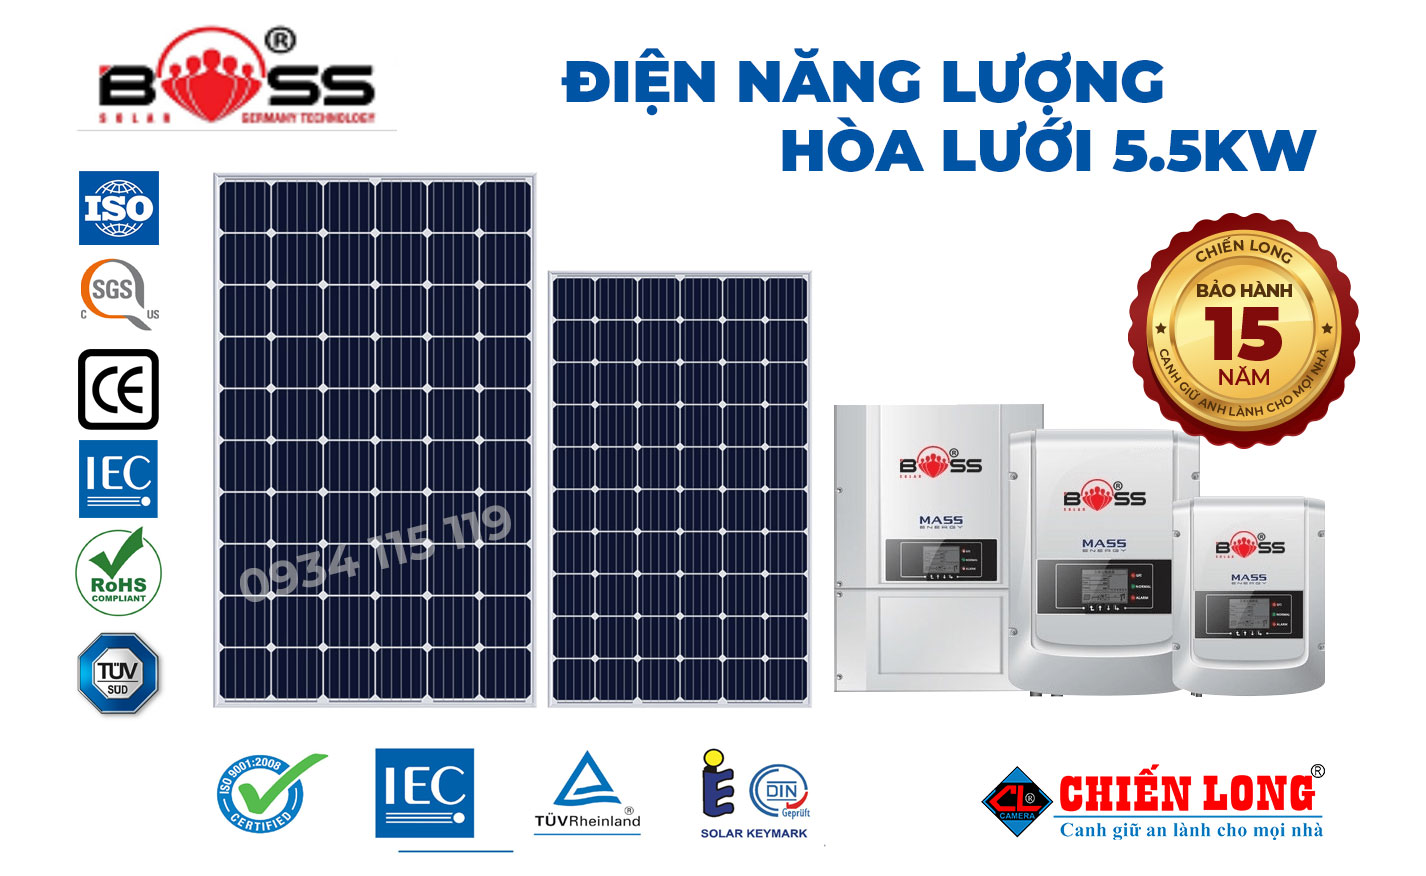 Hệ thống điện mặt trời giúp đem đến cho người mua sự lòng lúc sử dụng. Dien-nang-luong-mat-troi-hoa-luoi-5-5kwp